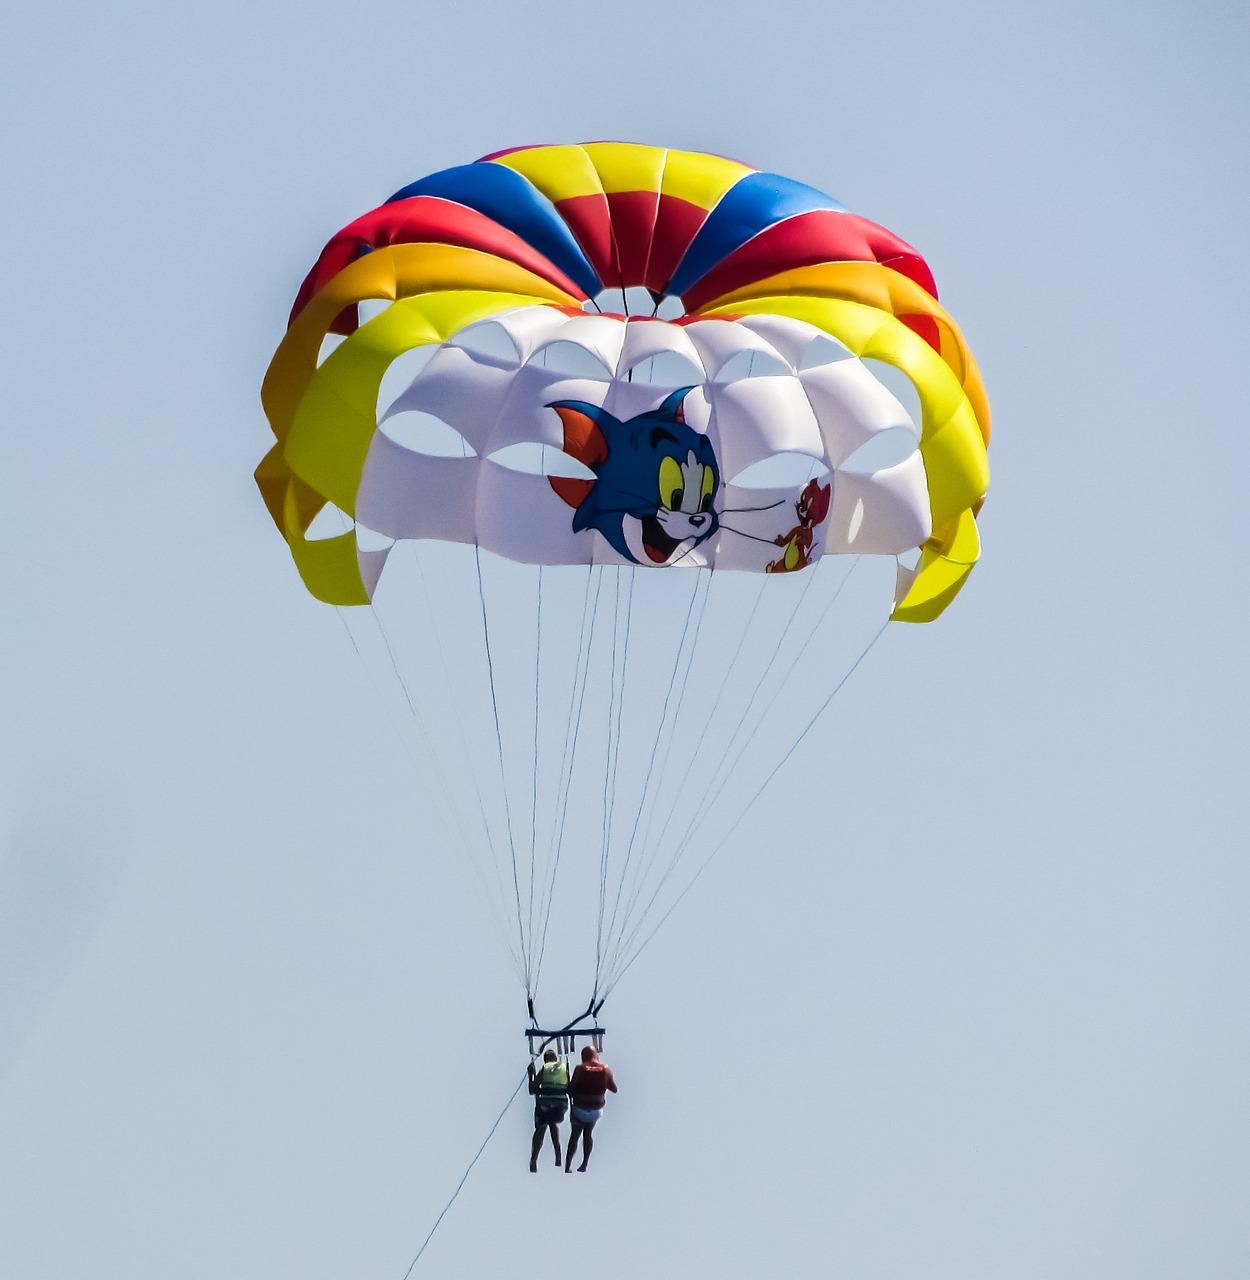 собой картинки и фото парашютов профлиста защитным полимерным